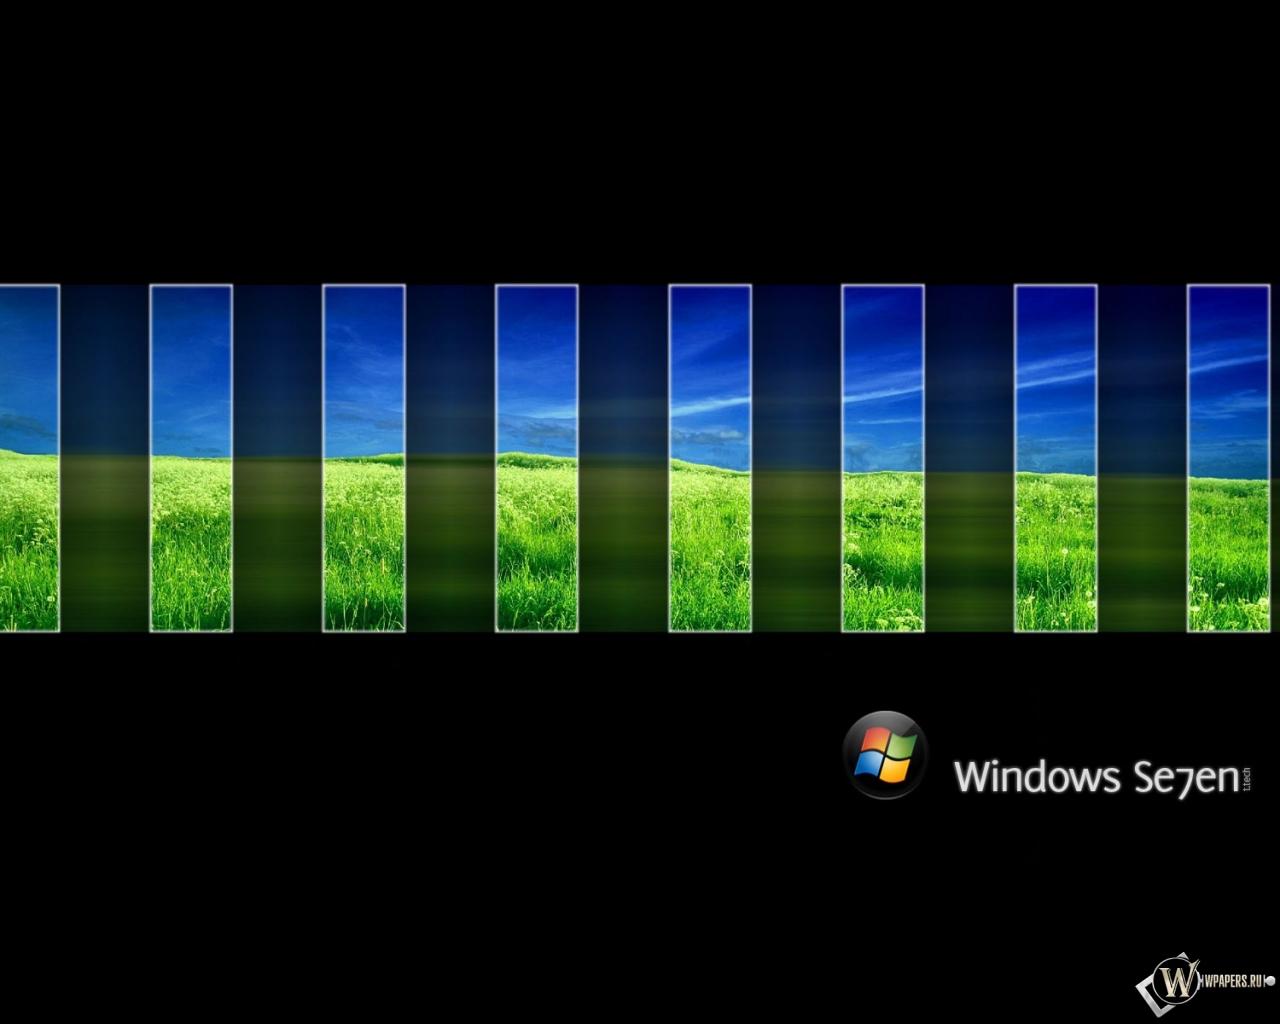 Обои для рабочего стола 1280х1024 для windows 7 скачать бесплатно 12